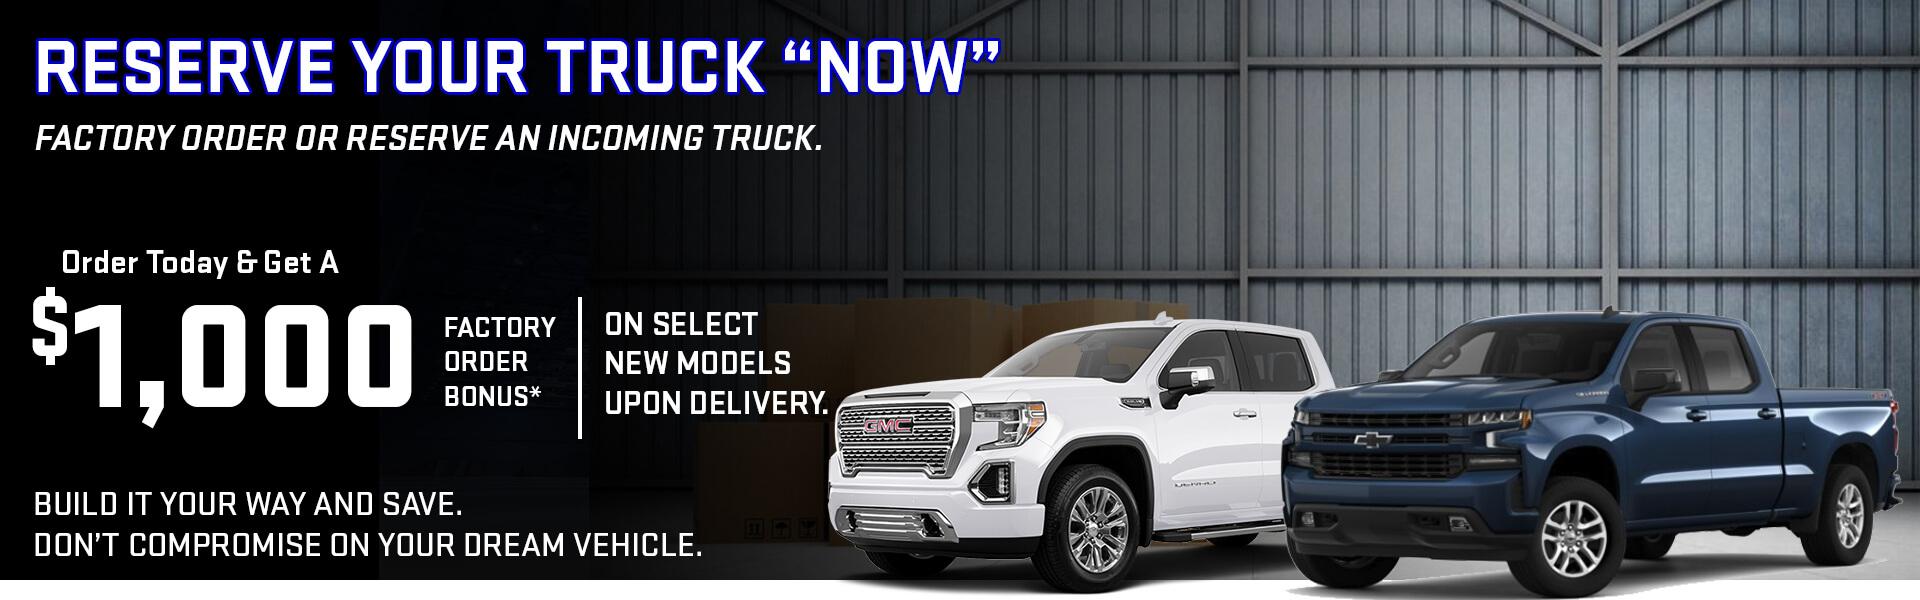 Facory Order offer on full-sized trucks